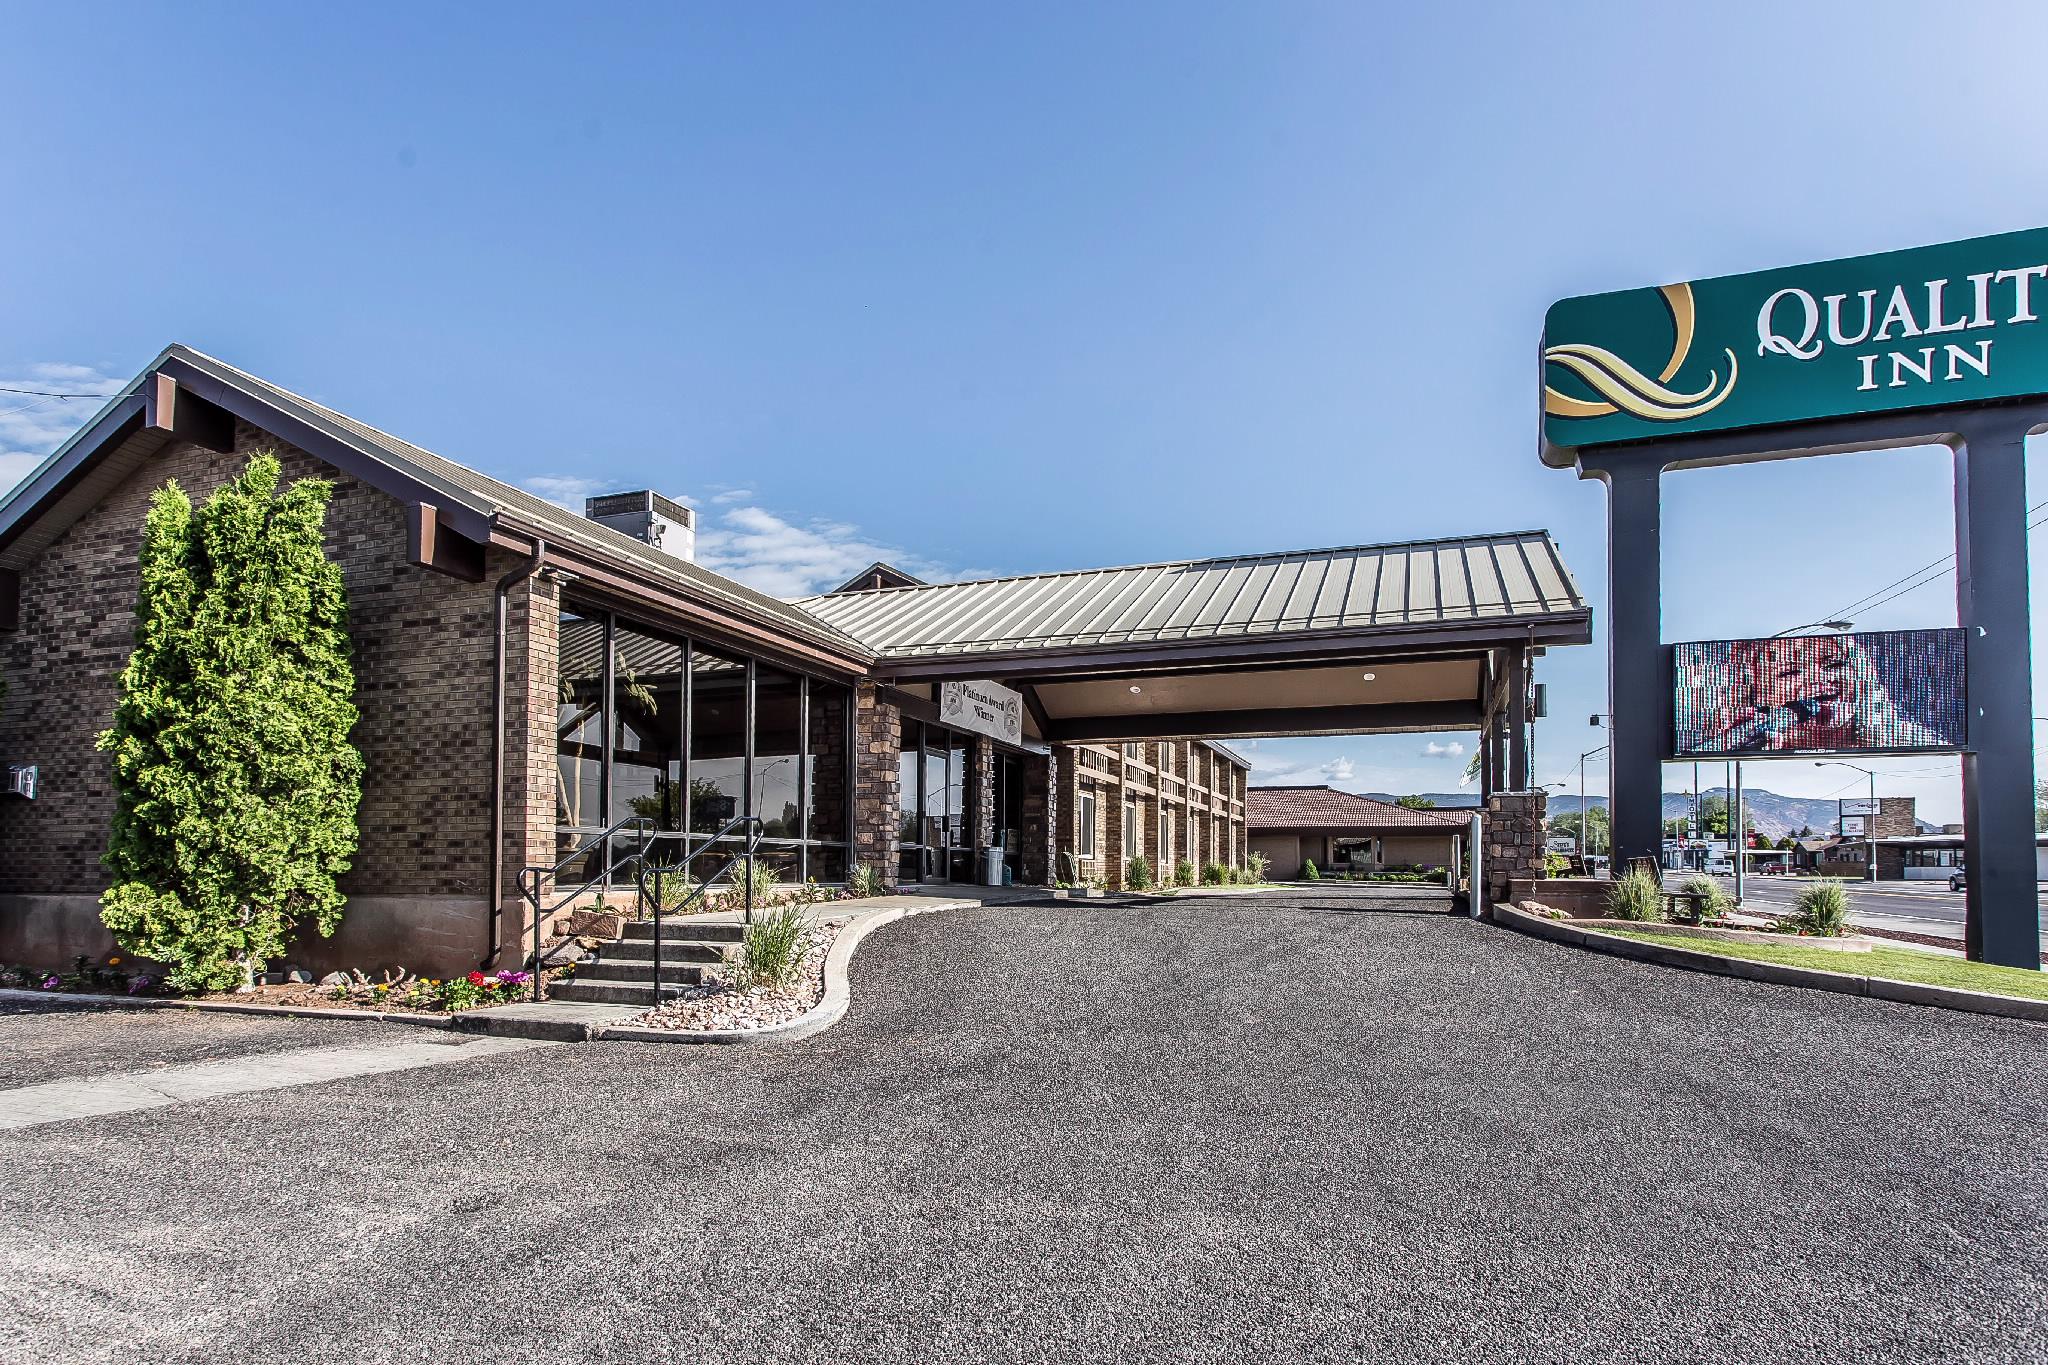 Quality Inn, Richfield UT